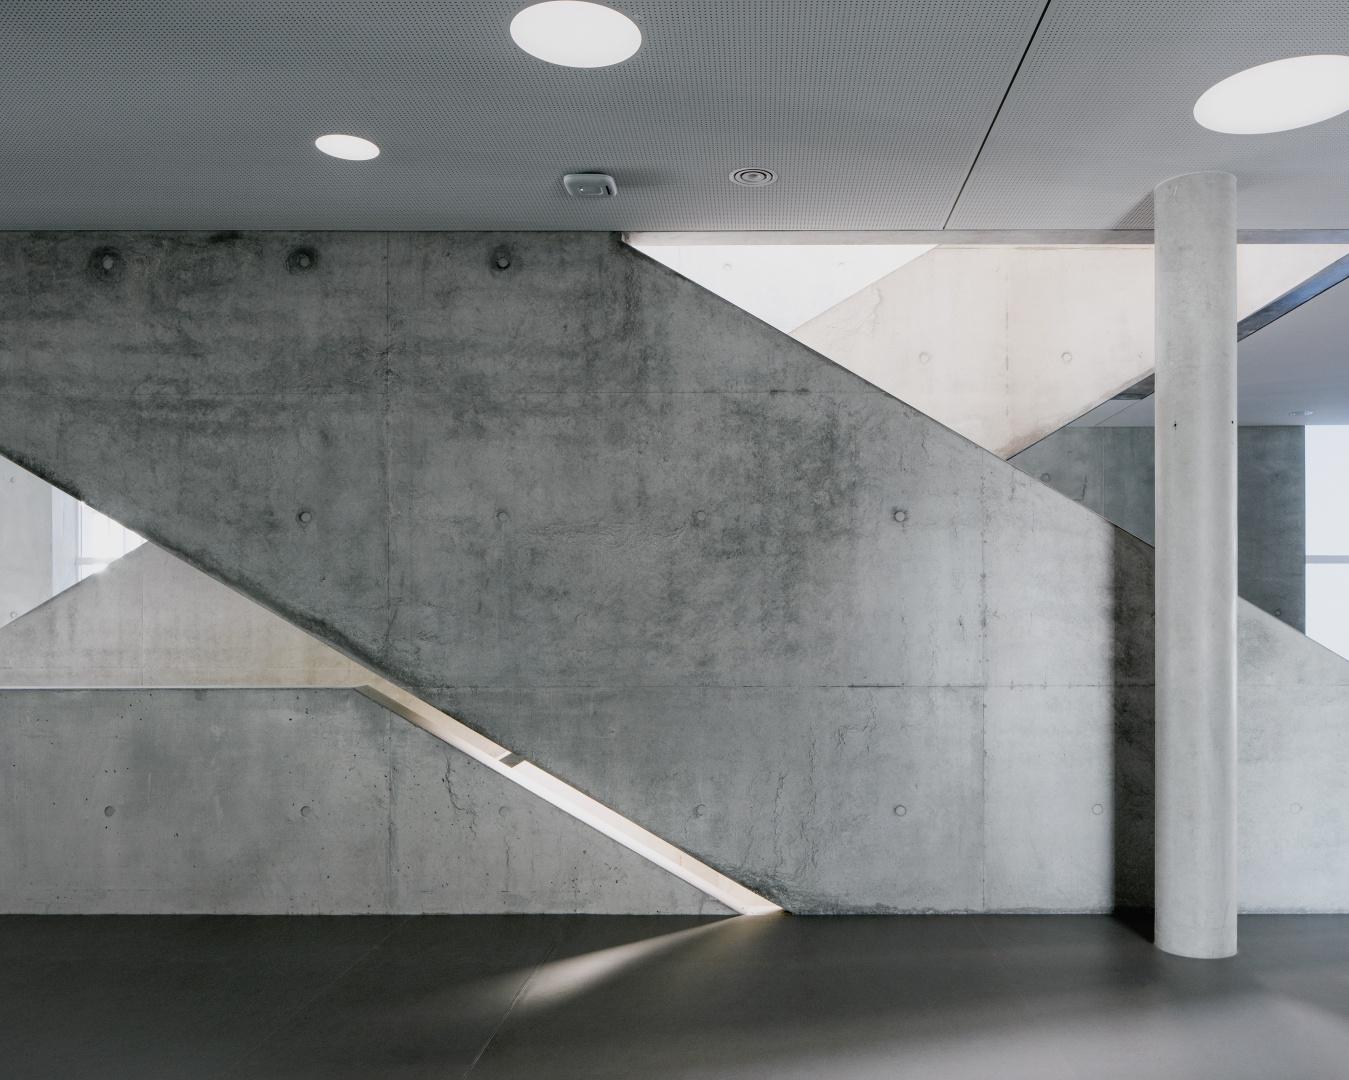 L'escalier avec des fentes  de lumière dans les parapets  en béton étaient un grand  défi pour les artisans qui ont  exécuté les travaux. © yves-andre.ch